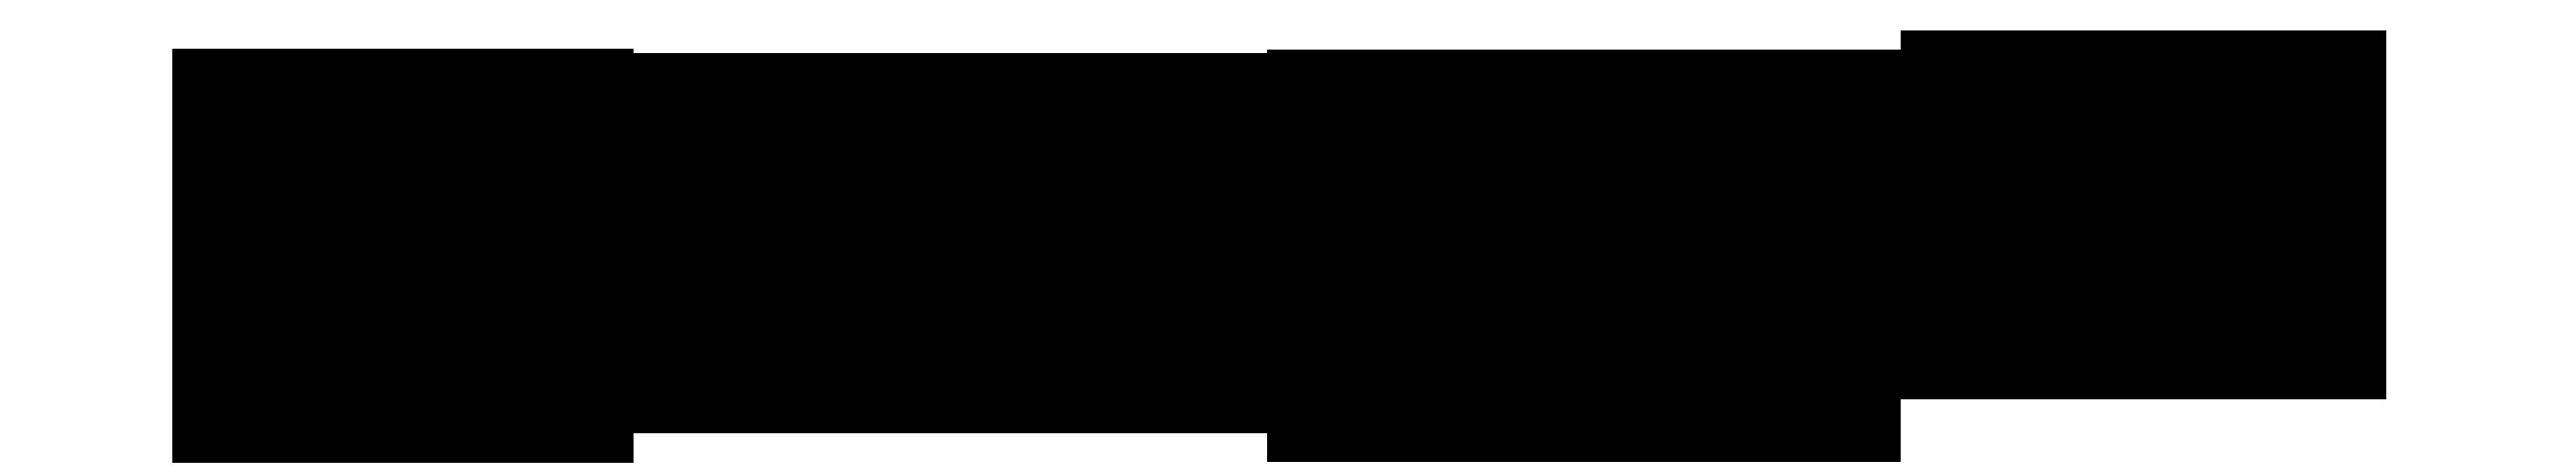 Typeface-Novel-Sans-F19-Atlas-Font-Foundry